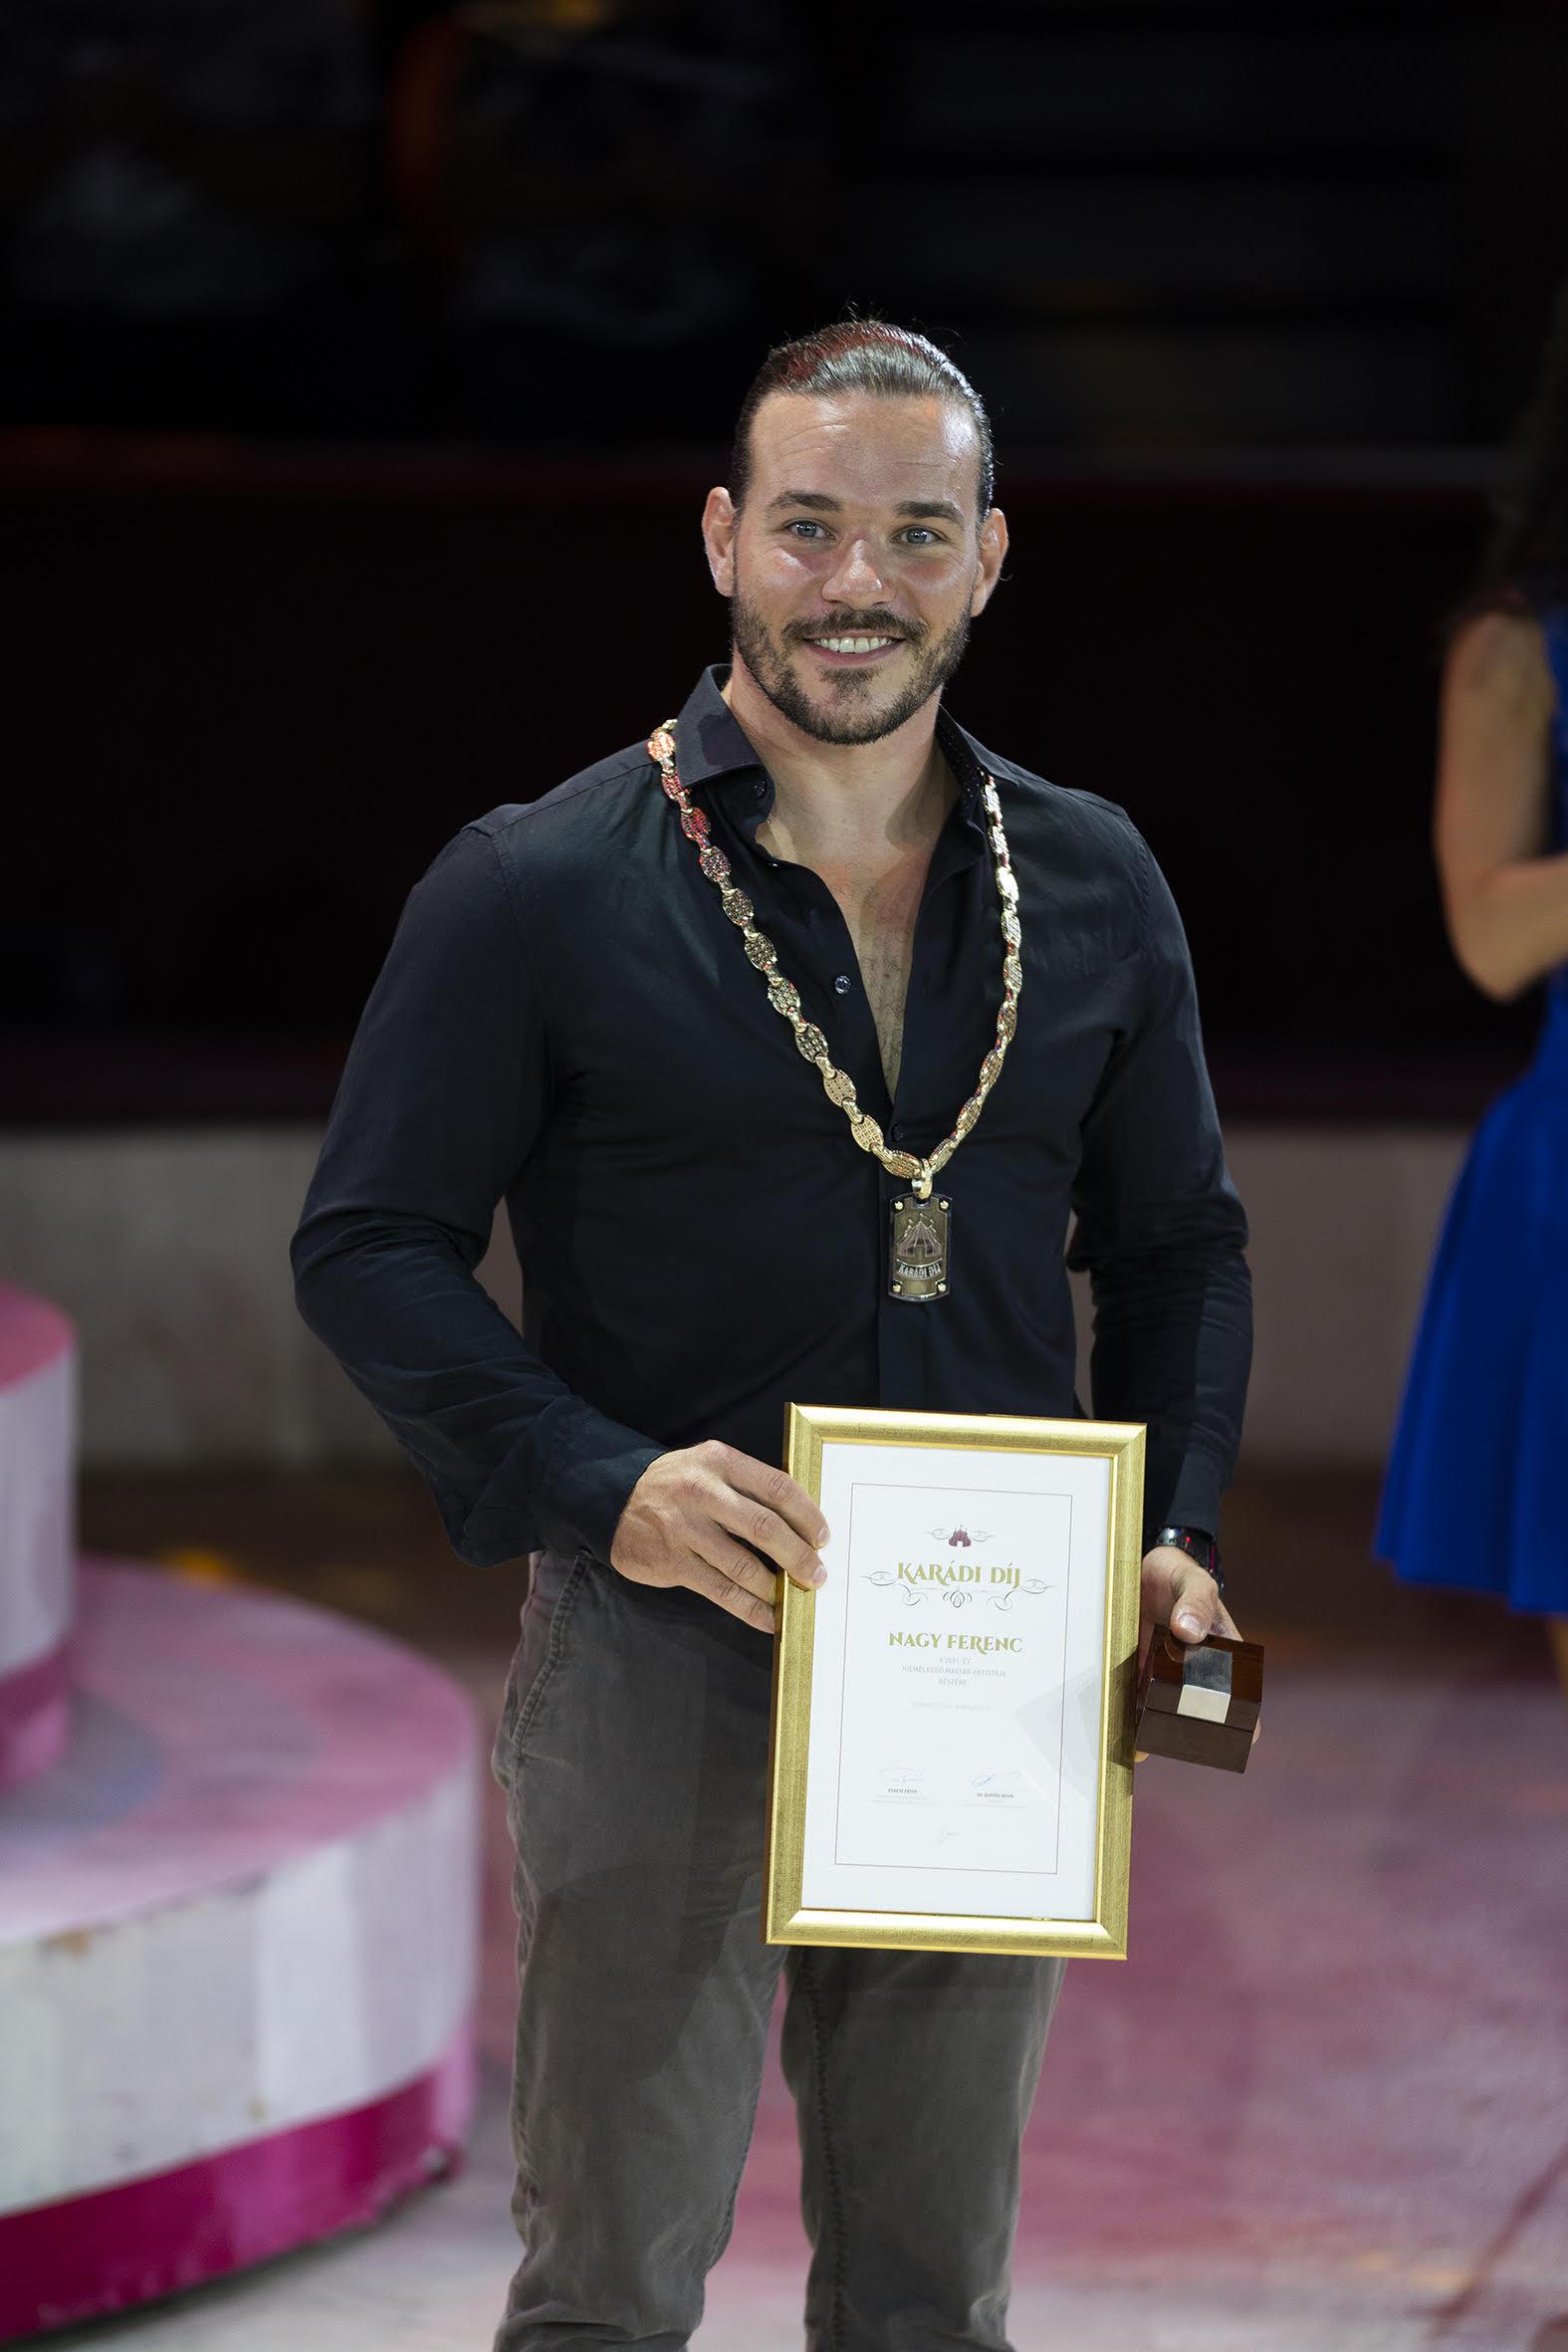 A Karádi-díjat a magyar artista szakma a Rolling Wheel röhnrad duó tagjának, Nagy Ferencnek ítélte.